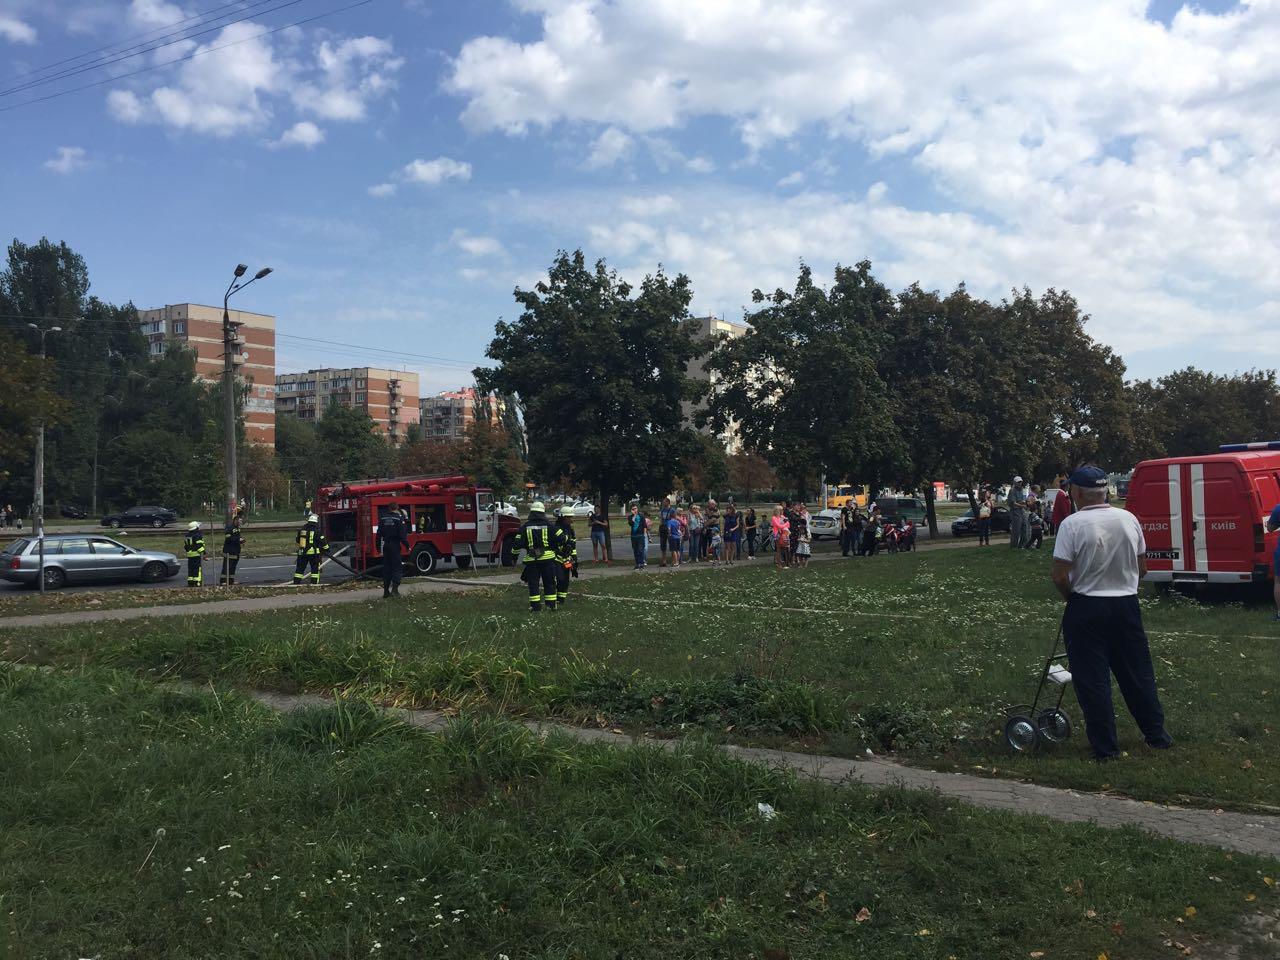 Пожар вмногоэтажке столицы Украины: умер пятилетний ребенок, двое взрослых получили сильные ожоги